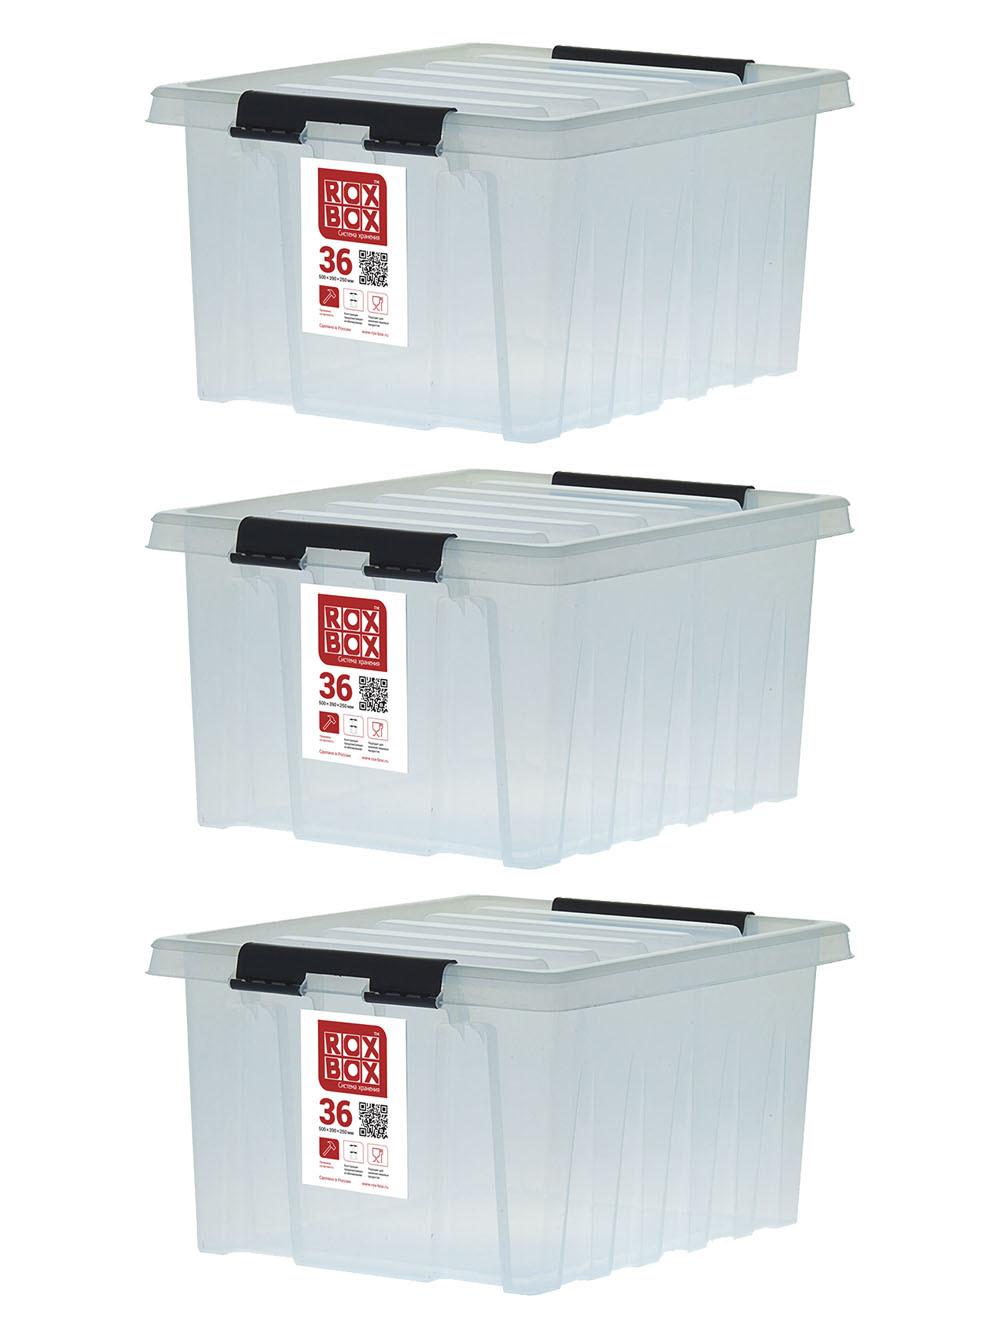 Ящик для хранения RoxBox с крышкой прозрачный 36 литров, набор из 3 штук ящик для хранения полимербыт с крышкой прозрачный пластик 16л